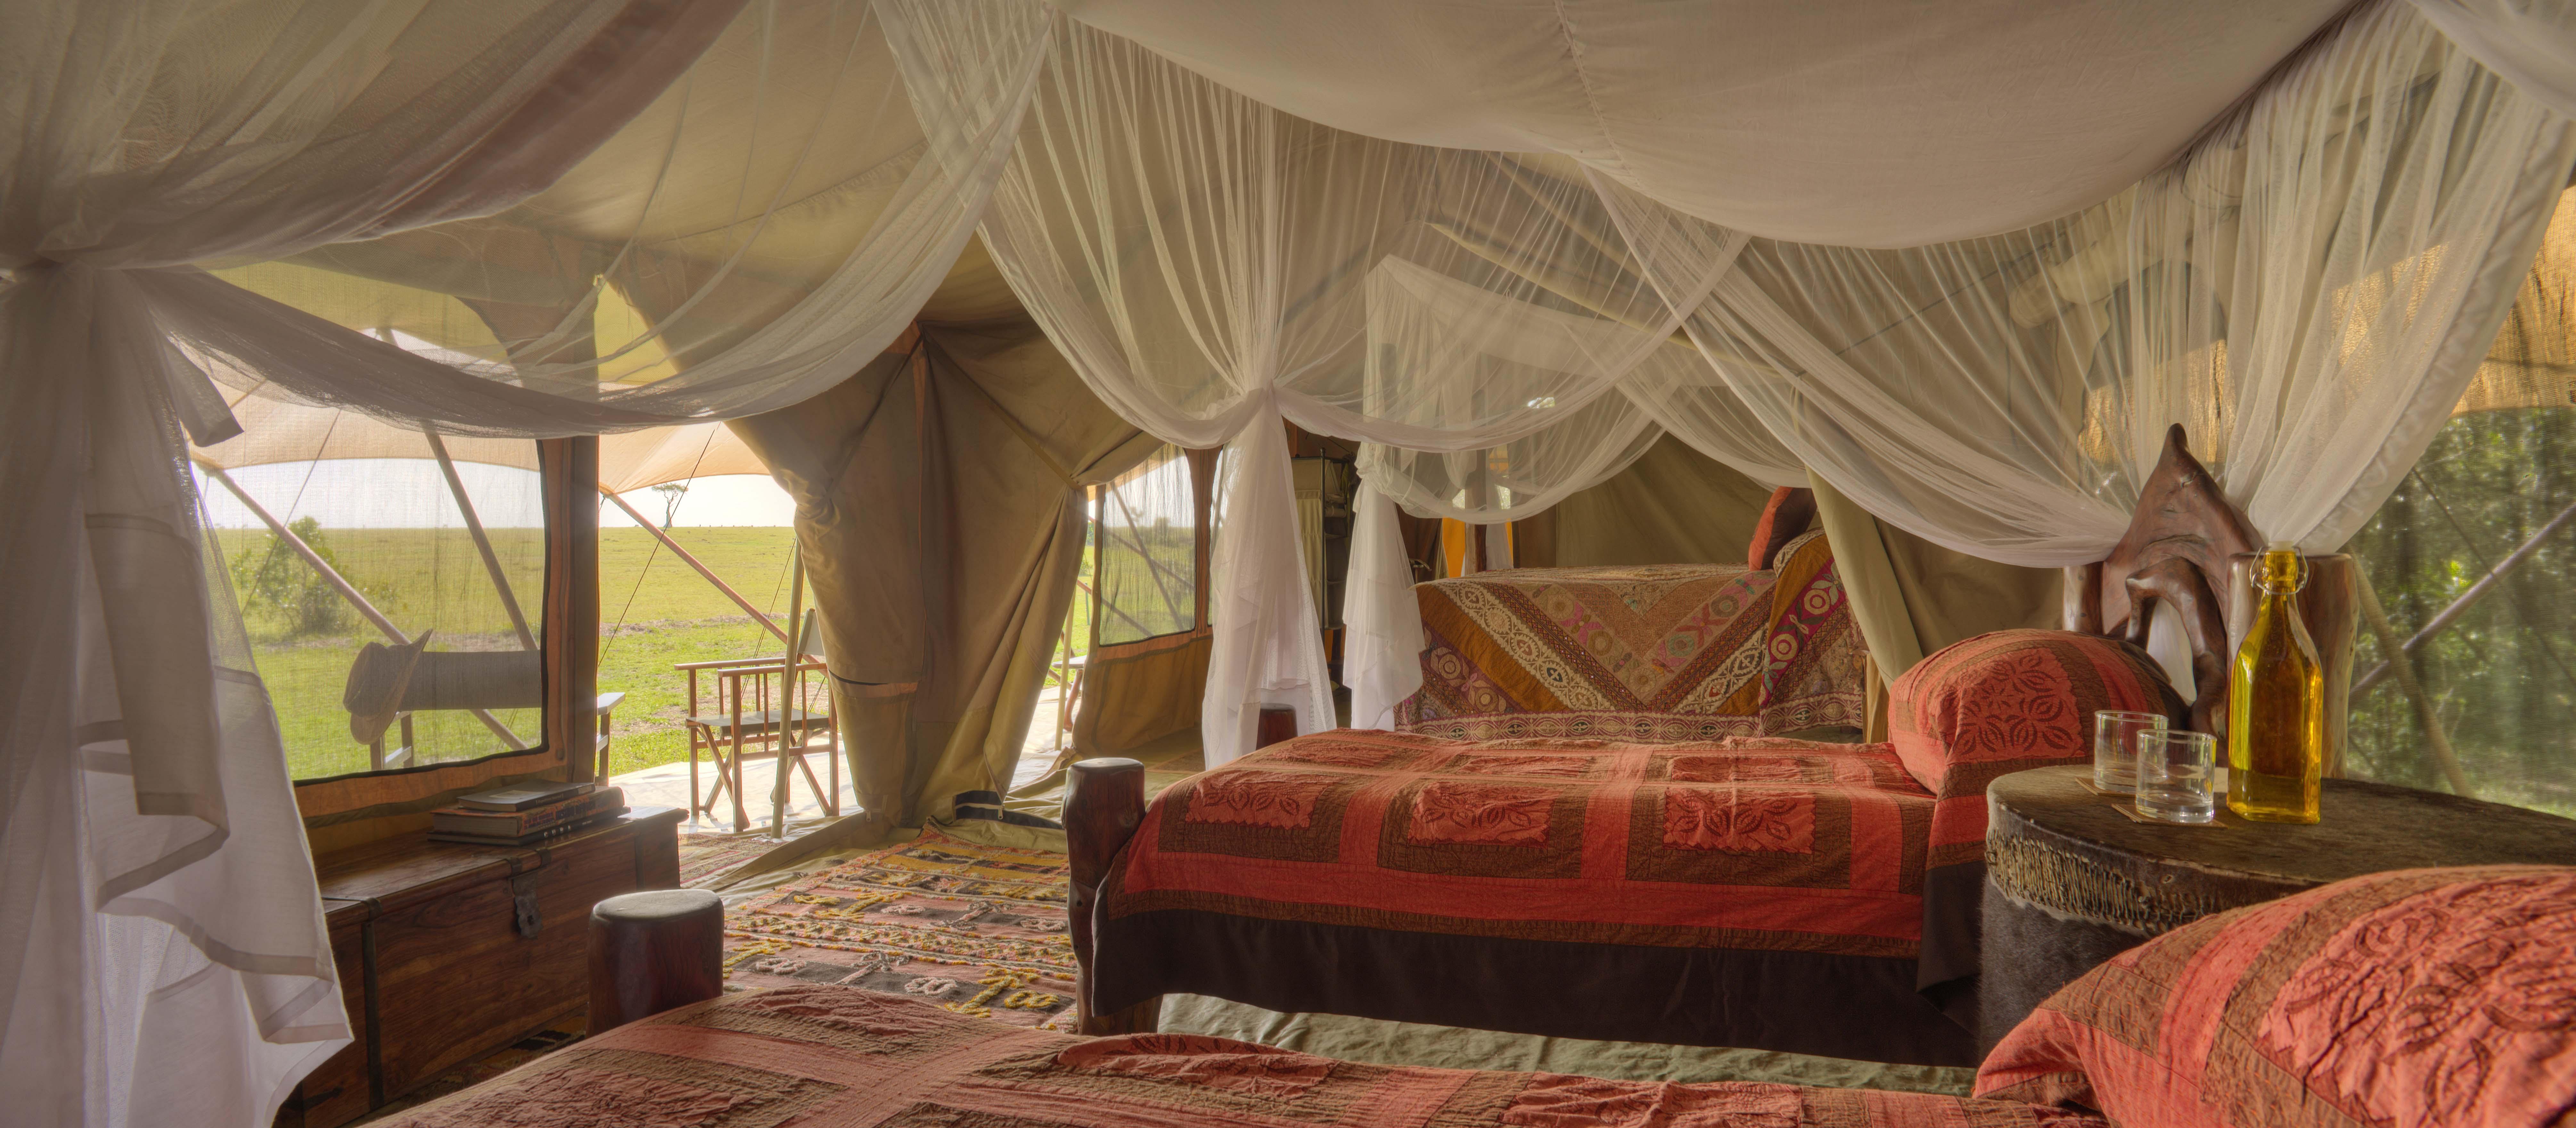 Saruni Wild - the Family tent